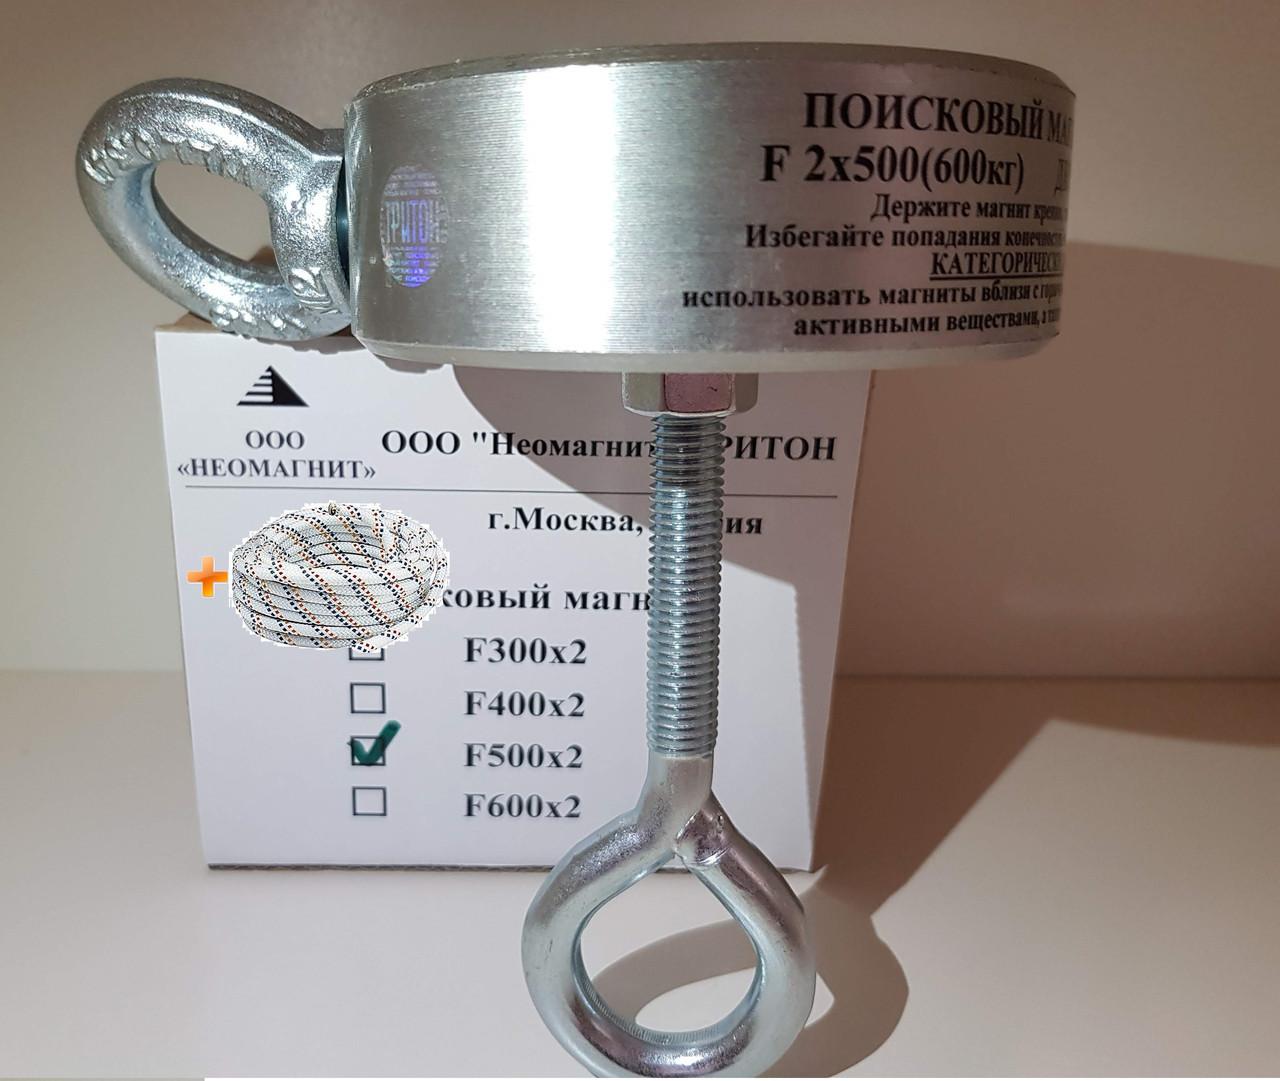 Двухсторонний поисковый магнит ТРИТОН F 2x500, 600кг, НАМАГНИЧЕННОСТЬ N45+диффузионно-динамическая оцинковка